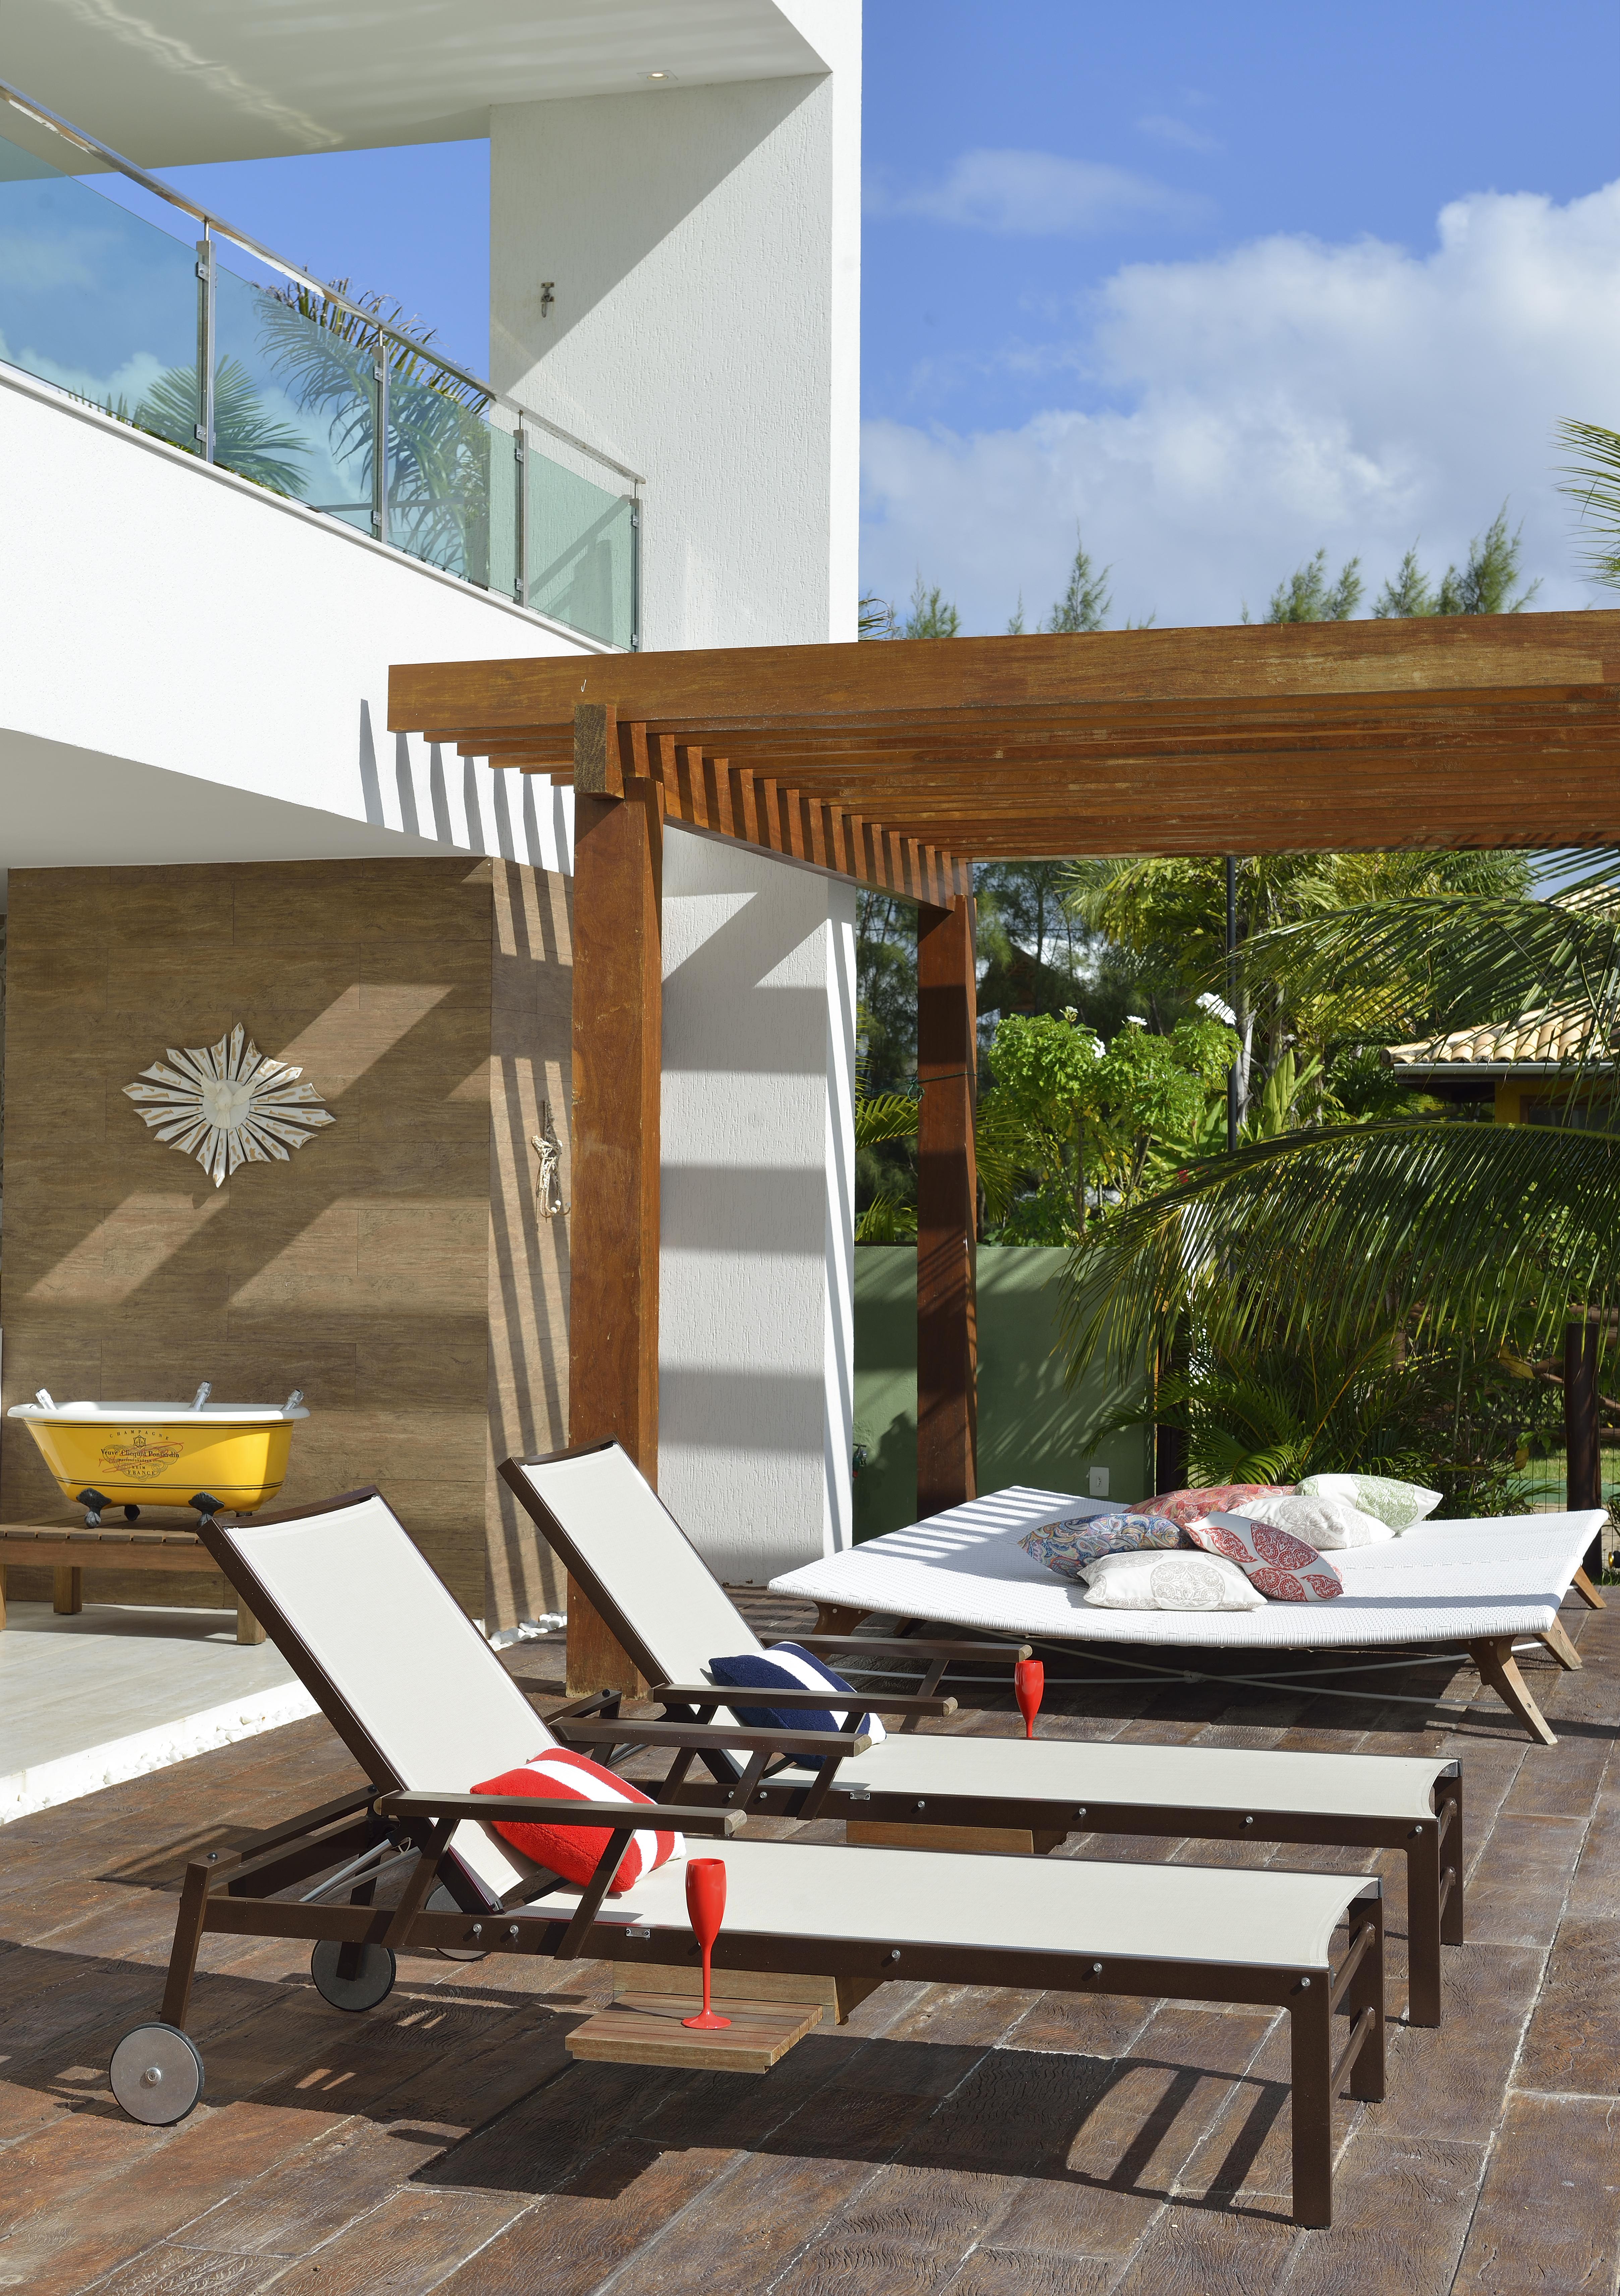 chaises com estrutura de alumínio na piscina